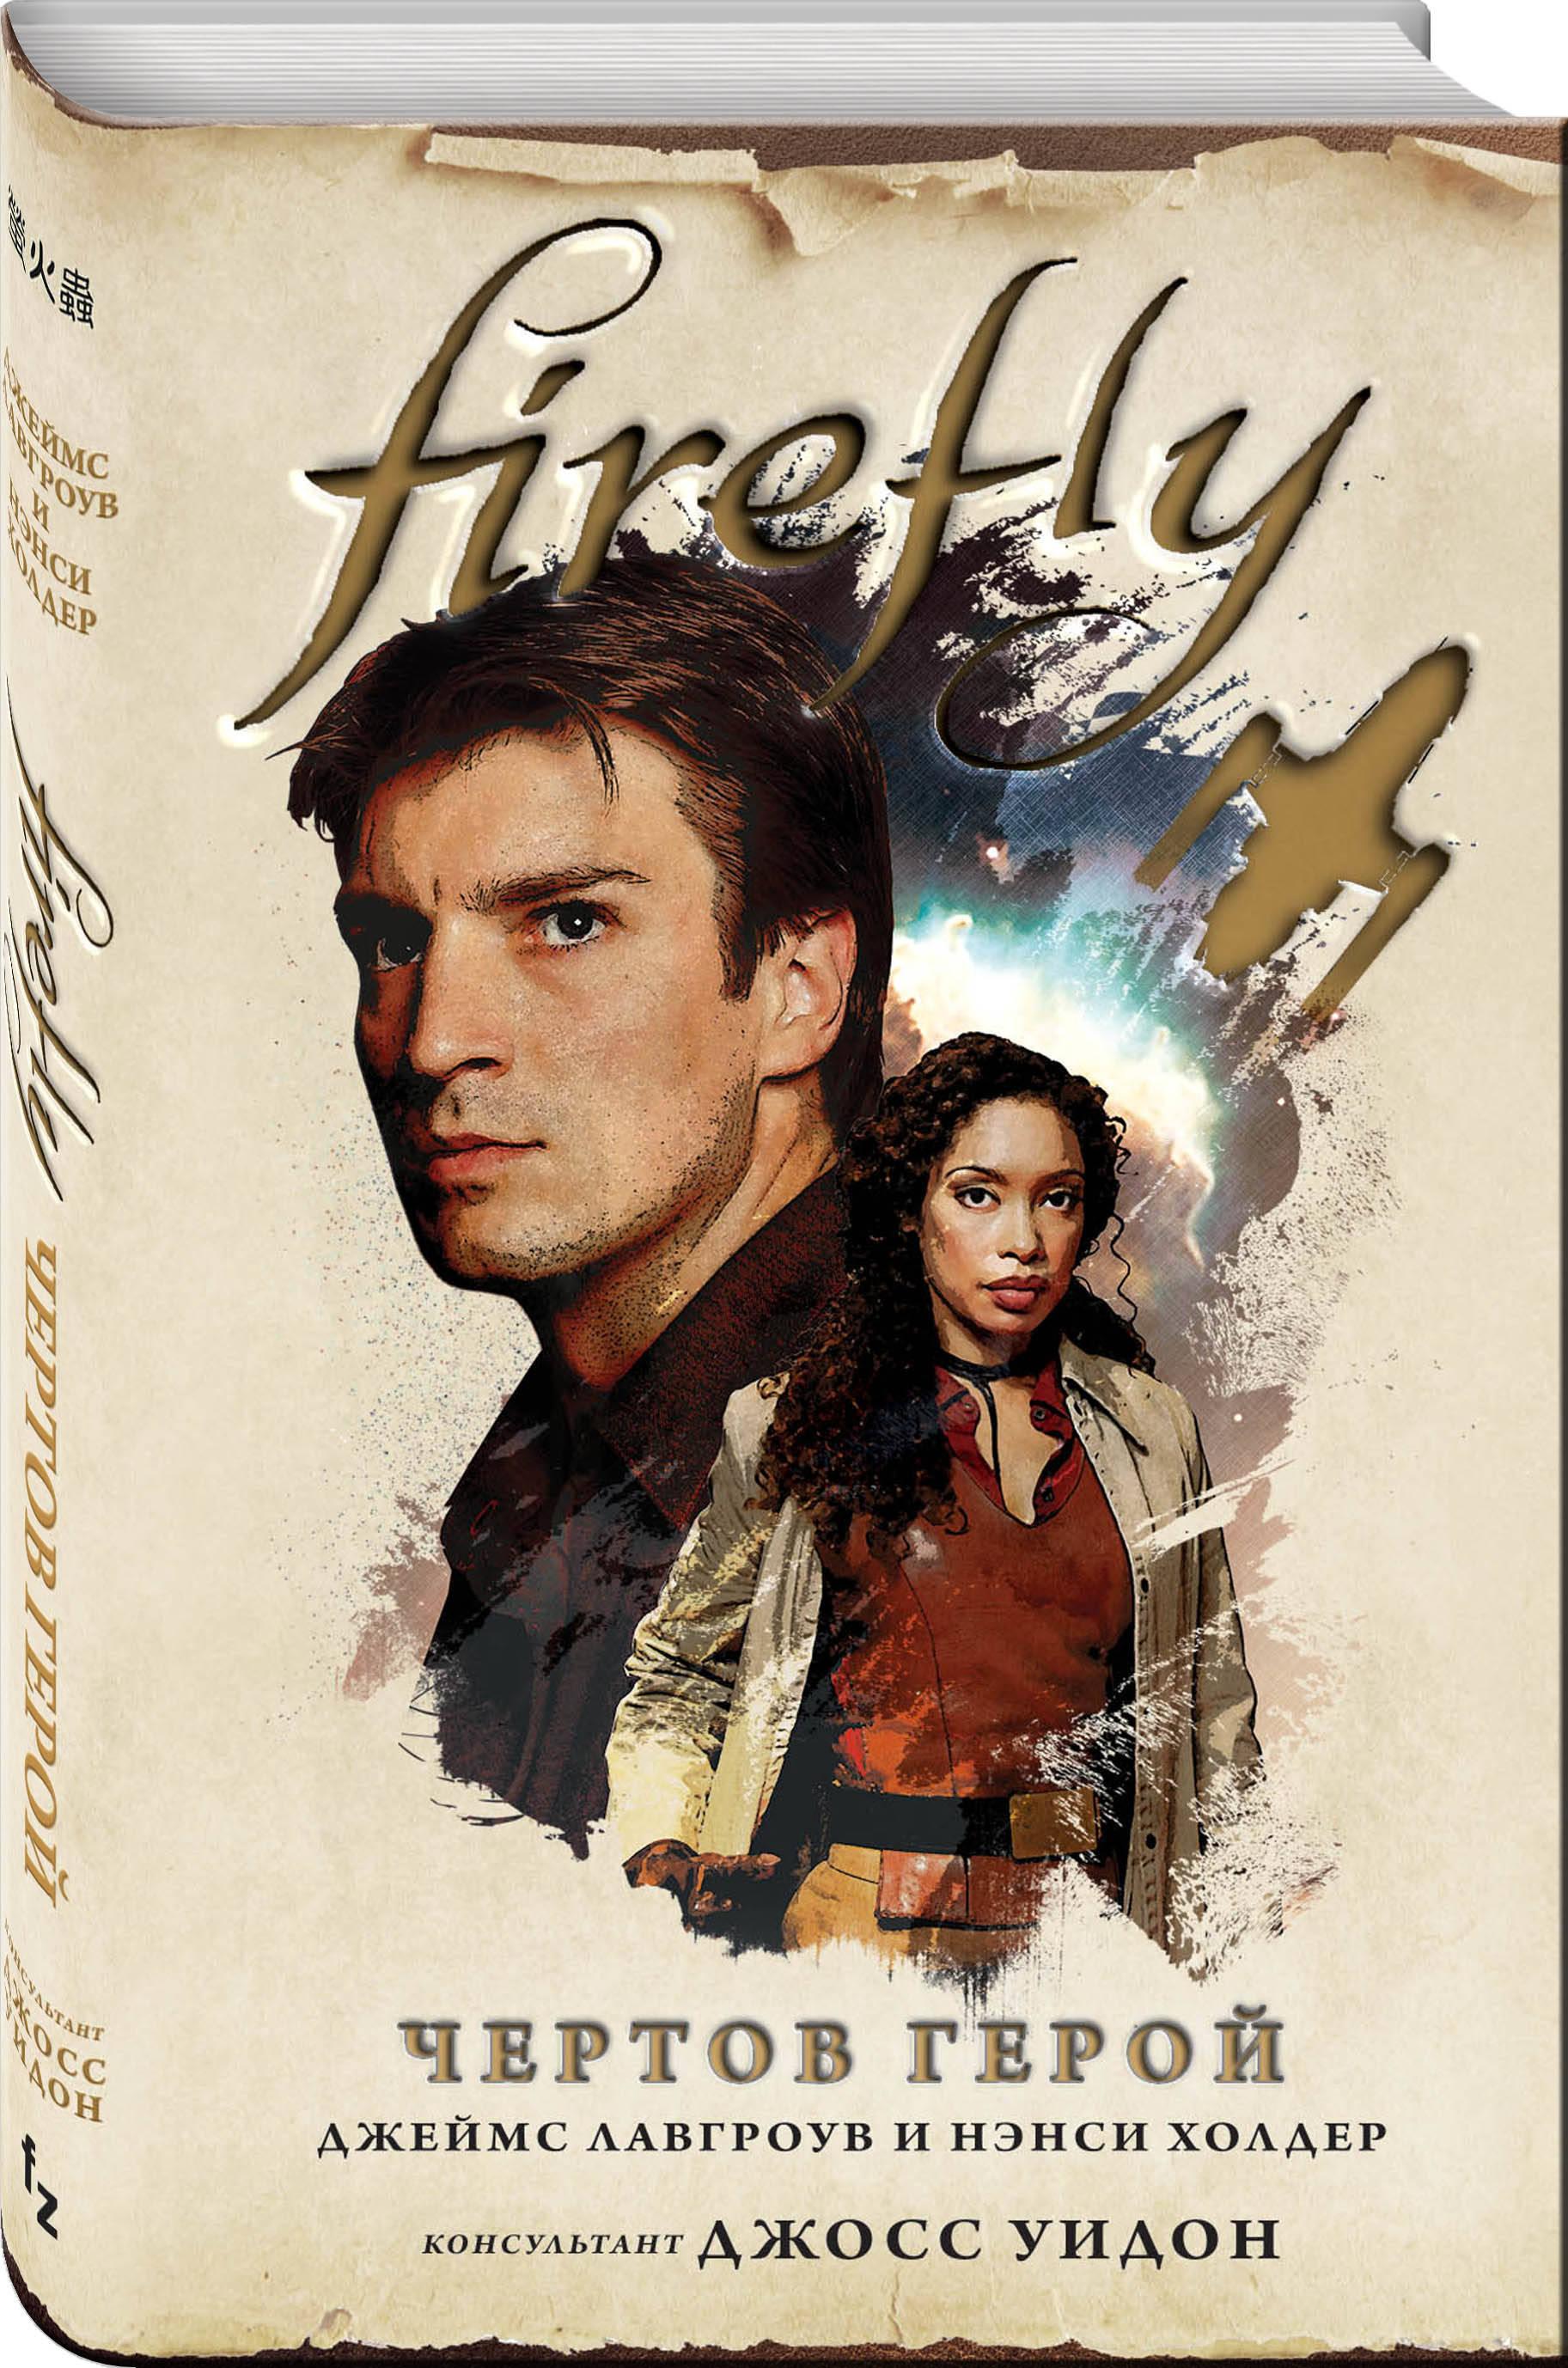 Нэнси Холдер, Джеймс Лавгроув Firefly. Чертов герой